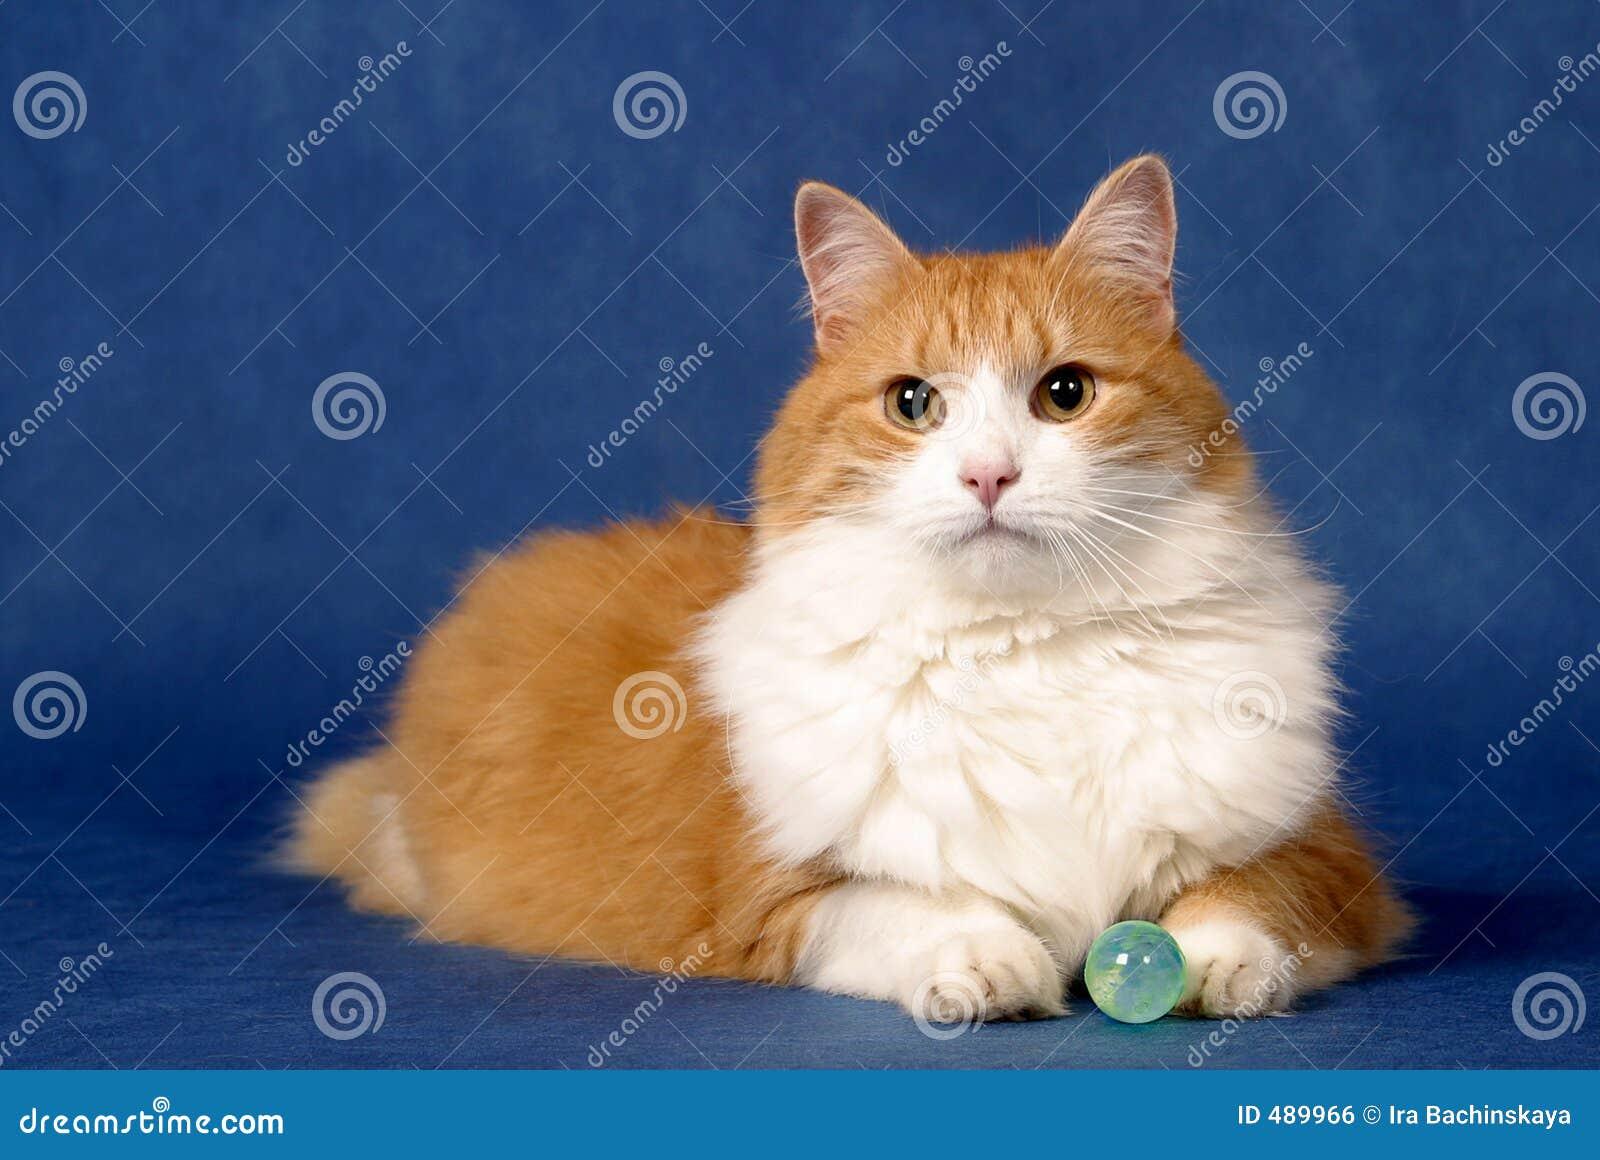 猫神秘主义者